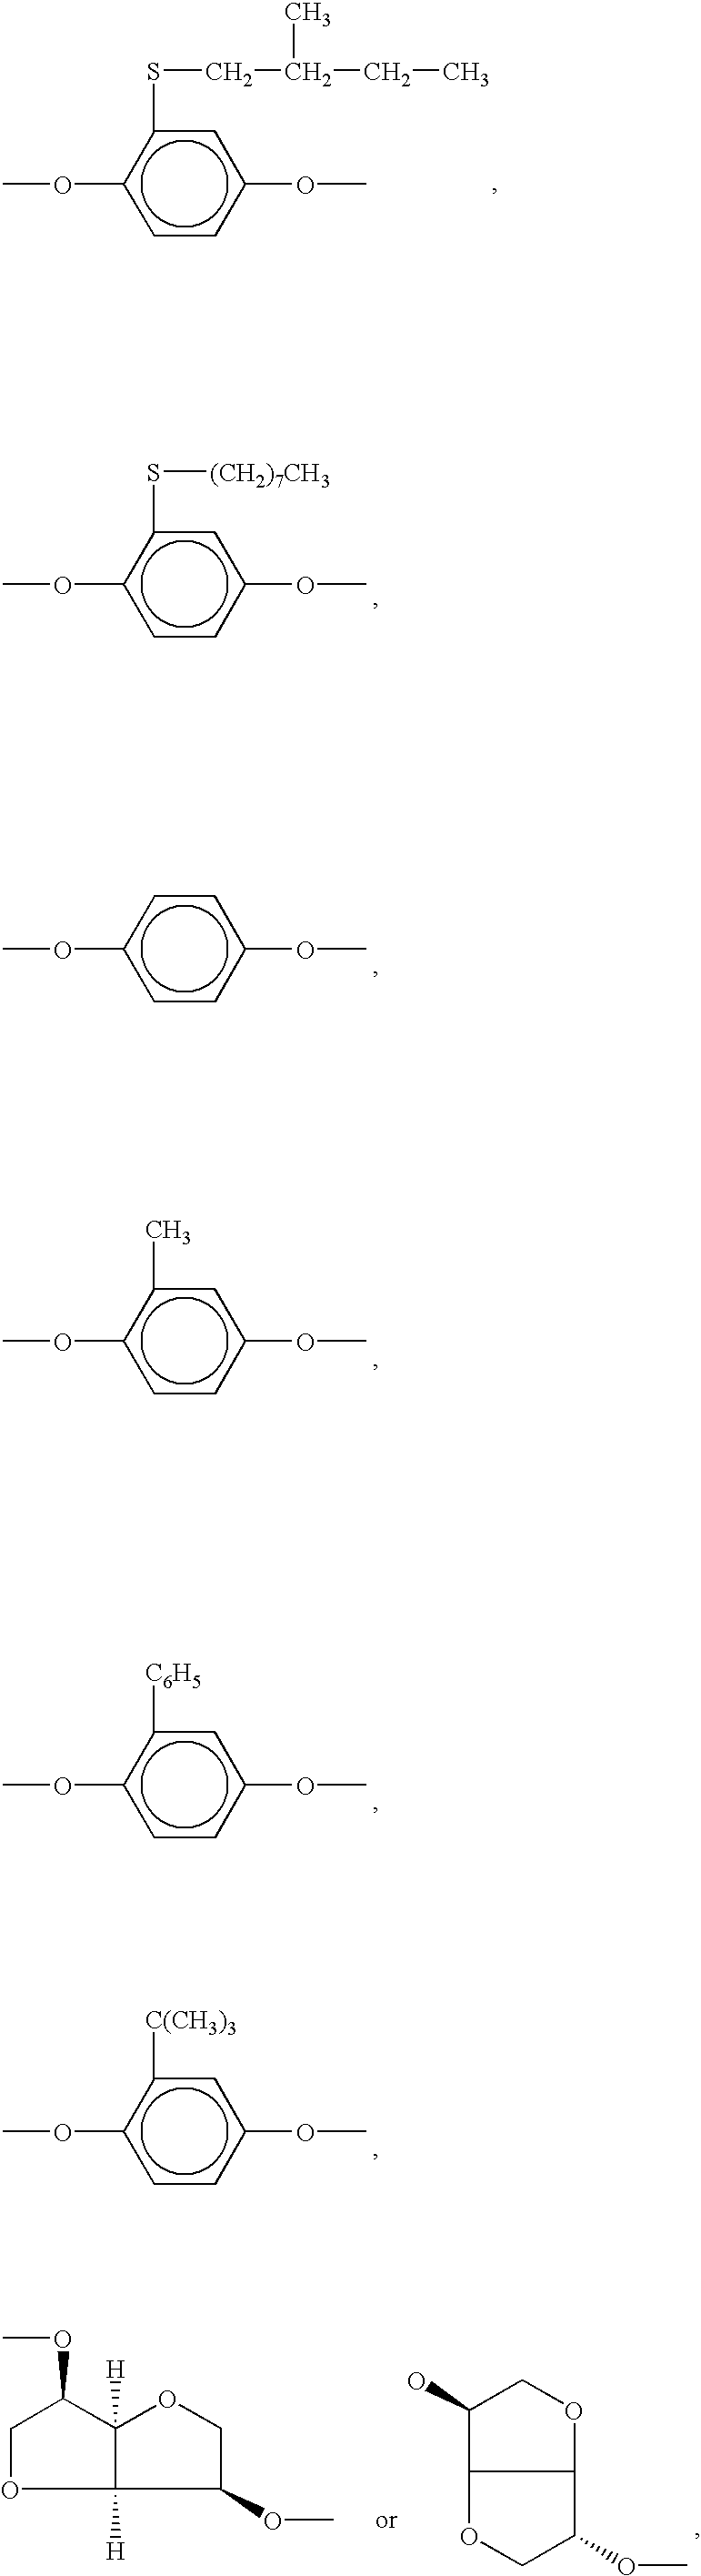 Figure US06582781-20030624-C00020